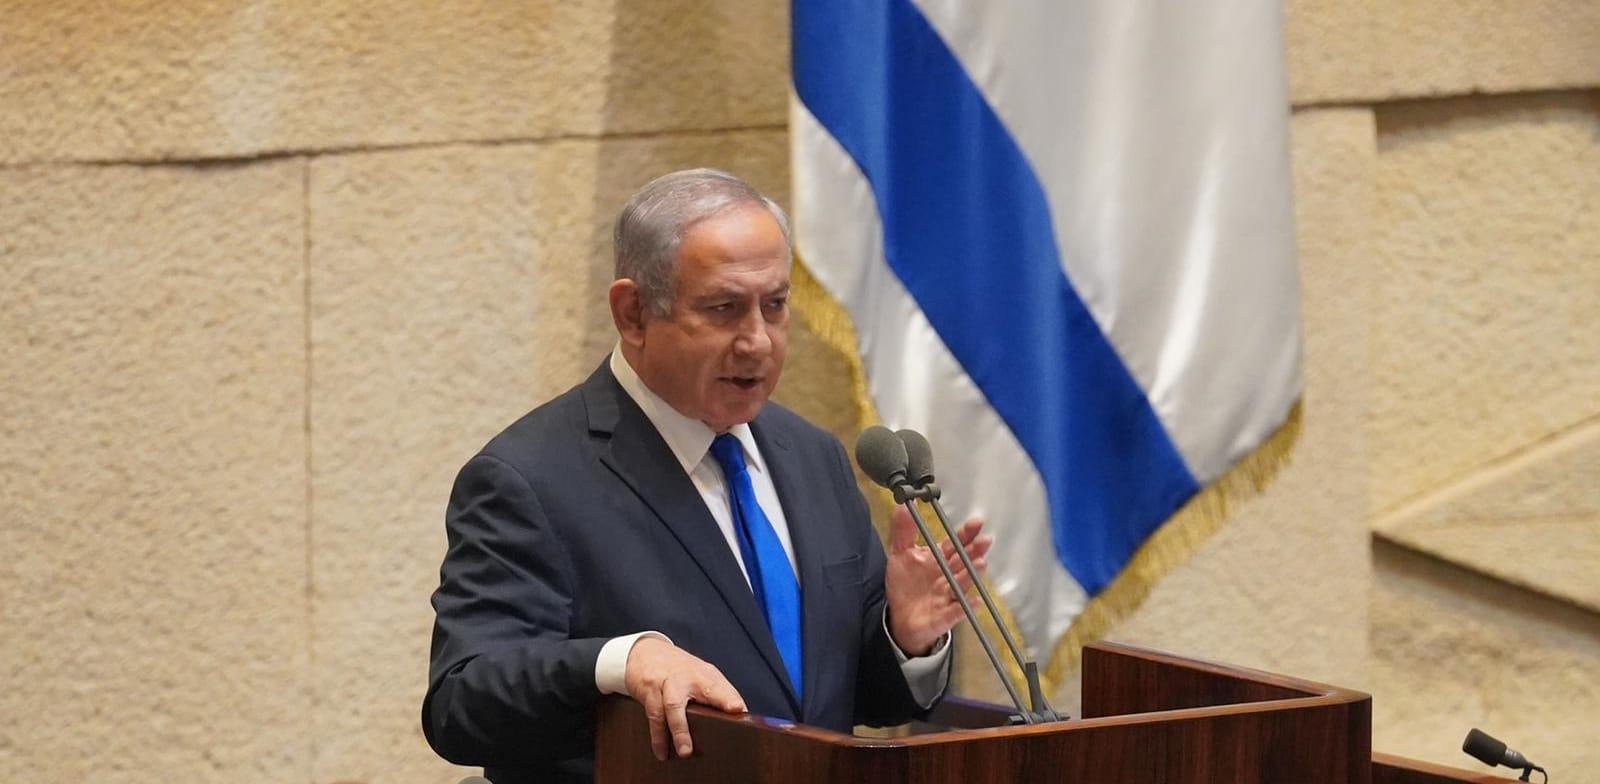 ראש הממשלה בנימין נתניהו / צילום: דוברות הכנסת